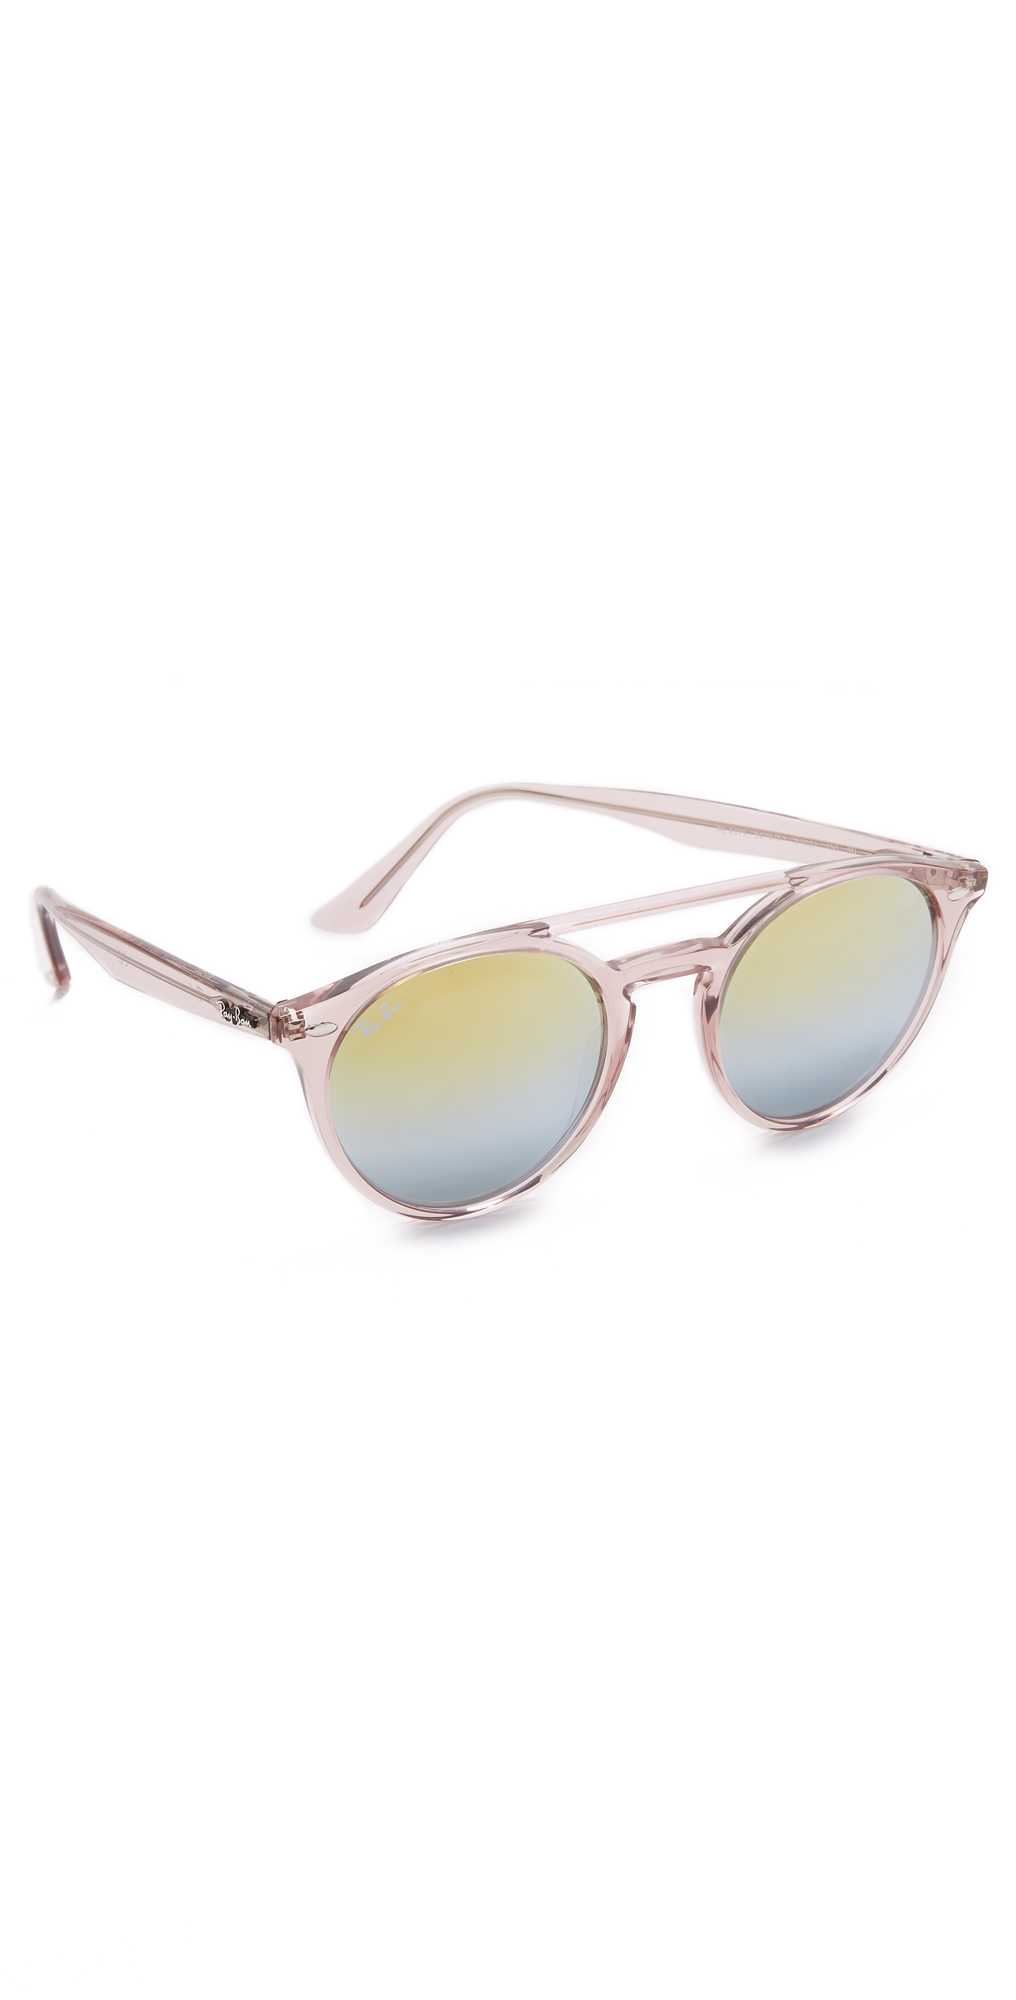 Round Browbar Mirrored Sunglasses Ray-Ban